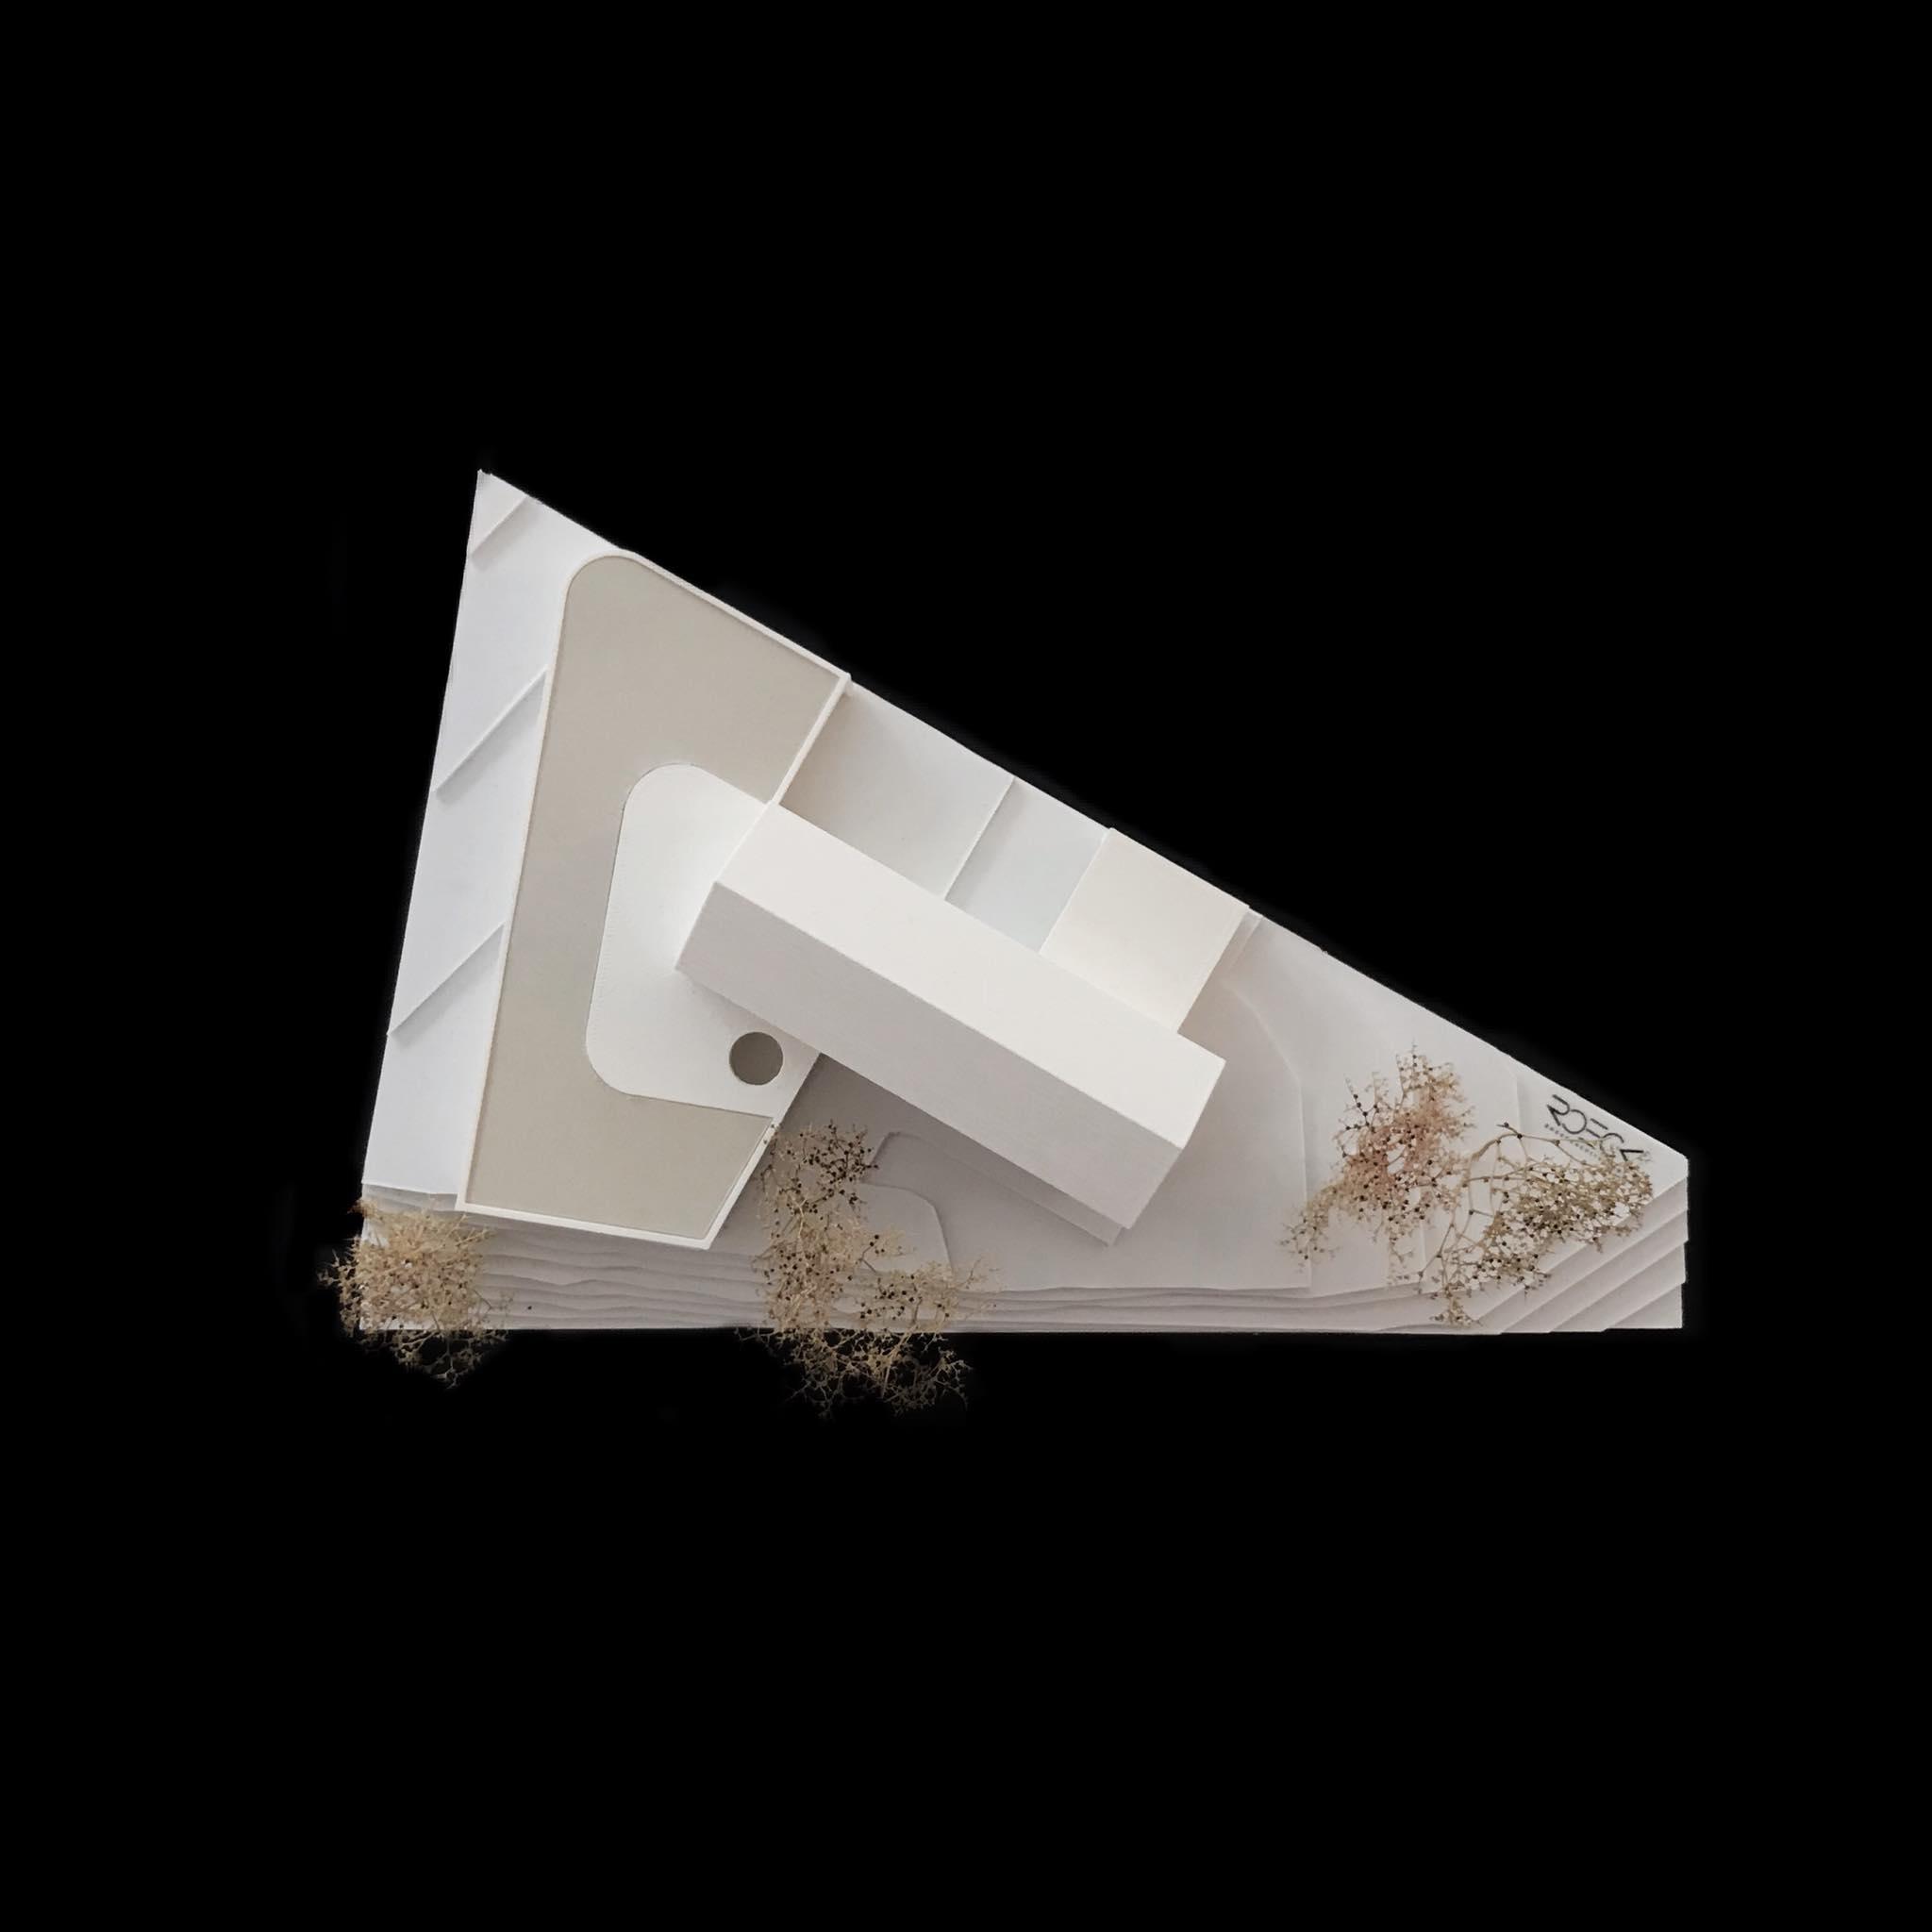 Modell Wohnhaus LEM   ROECK Architekten